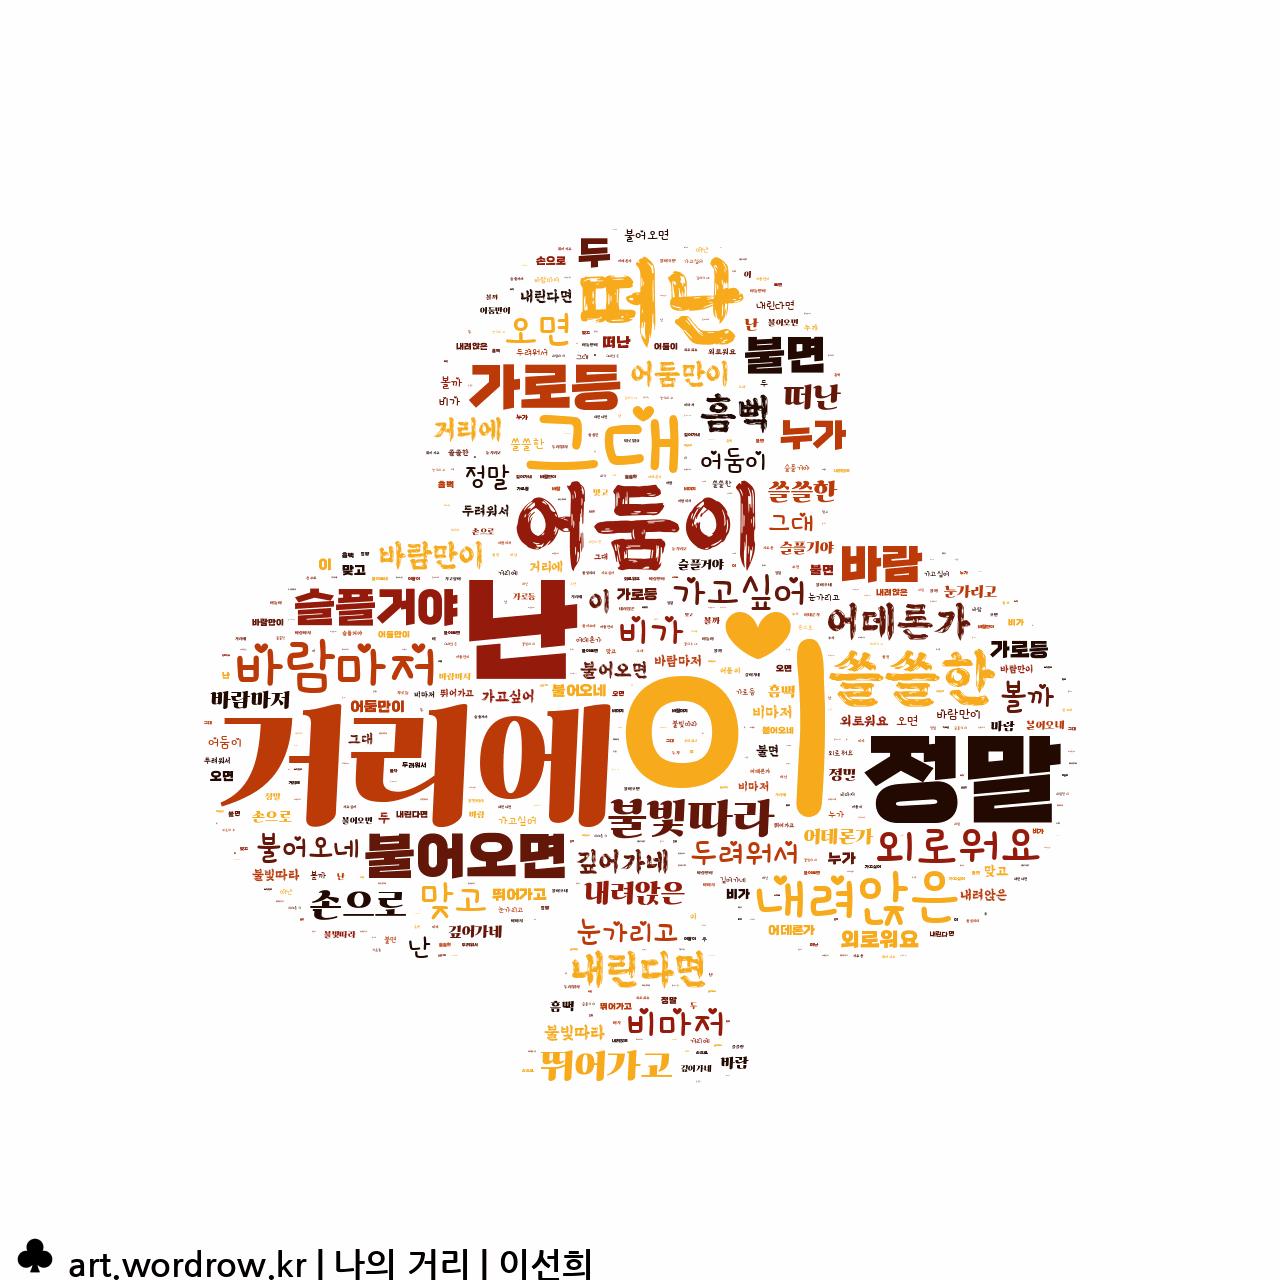 워드 클라우드: 나의 거리 [이선희]-21